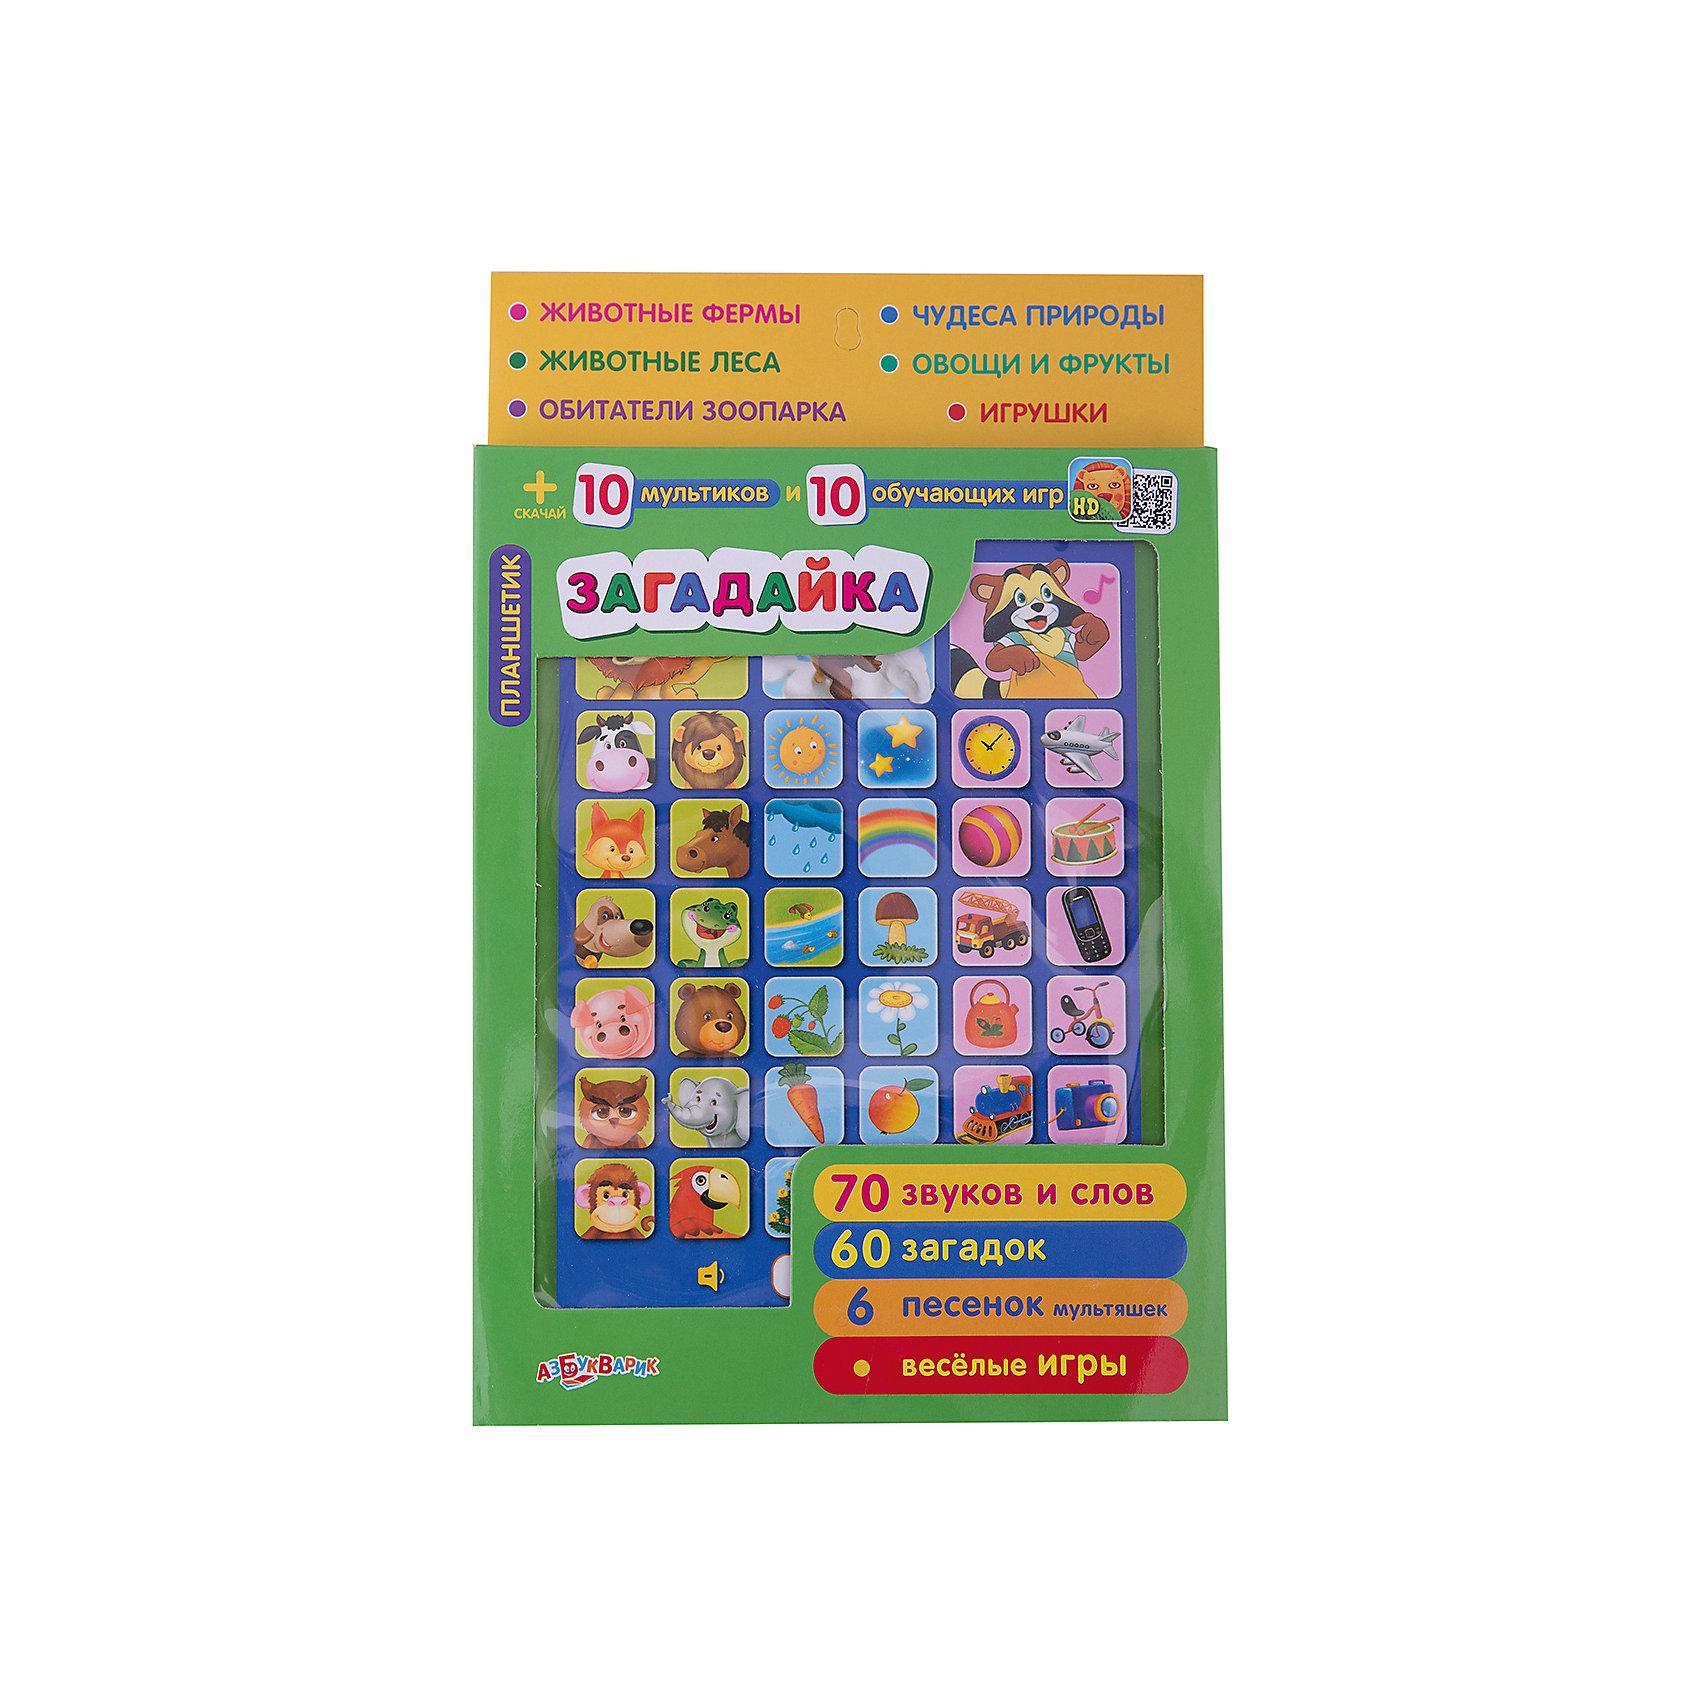 ЗагадайкаАзбукварик<br>Загадайка – это игрушка в виде планшета, которая надолго займет внимание малыша!<br>Планшетик «Загадайка» – и обучающий, и игровой! Он познакомит ребенка с названиями животных, предметов и объектов природы, а также звуками, которые они издают, загадает загадки обо всем на свете и споет песенки. На планшете изображено 36 предметов, которые разделены на 3 группы: животные, природа и предметы, которые нас окружают. При нажатии на картинку с предметом воспроизводится его название, а также голос животного и издаваемый предметом звук (где это возможно). Внизу расположены кнопки, которые включают режим загадок. Отдельно можно включить загадки про животных, природу или предметы. Отгадав загадку, нужно нажать на соответствующий предмет, планшет оценит, правильность ответа. Также есть режим «Угадай звук». Сверху расположены картинки с героями мультфильмов. Нажав на них можно послушать веселые песенки. Имеется кнопка включения/выключения и кнопка регулировки громкости.<br><br>Дополнительная информация:<br><br>- 70 звуков и слов, 60 загадок, 6 песенок мультяшек<br>- Песенки: «Песня Львенка и Черепахи» (слова С. Козлова, музыка Г. Гладкова), «Облака» (слова С. Козлова, музыка В. Шаинского), «Чунга-Чанга» (слова ю. Энтина, музыка В. Шаинского), «Настоящий друг» (слова М. Пляцковского, музыка Б.Савельева), «Улыбка» (слова М. Пляцковского, музыка В. Шаинского), «Пусть бегут неуклюже (слова А. Тимофеевского, музыка В. Шаинского)<br>- Батарейки: 3 типа ААА (в комплекте демонстрационные)<br>- Размер: 18,5х24 см.<br>- Материал: пластмасса с элементами из металла<br>- Вес в упаковке: 250 гр.<br><br>Игрушку в виде планшета «Загадайка» можно купить в нашем интернет-магазине.<br><br>Ширина мм: 190<br>Глубина мм: 20<br>Высота мм: 300<br>Вес г: 250<br>Возраст от месяцев: 12<br>Возраст до месяцев: 36<br>Пол: Унисекс<br>Возраст: Детский<br>SKU: 4635460